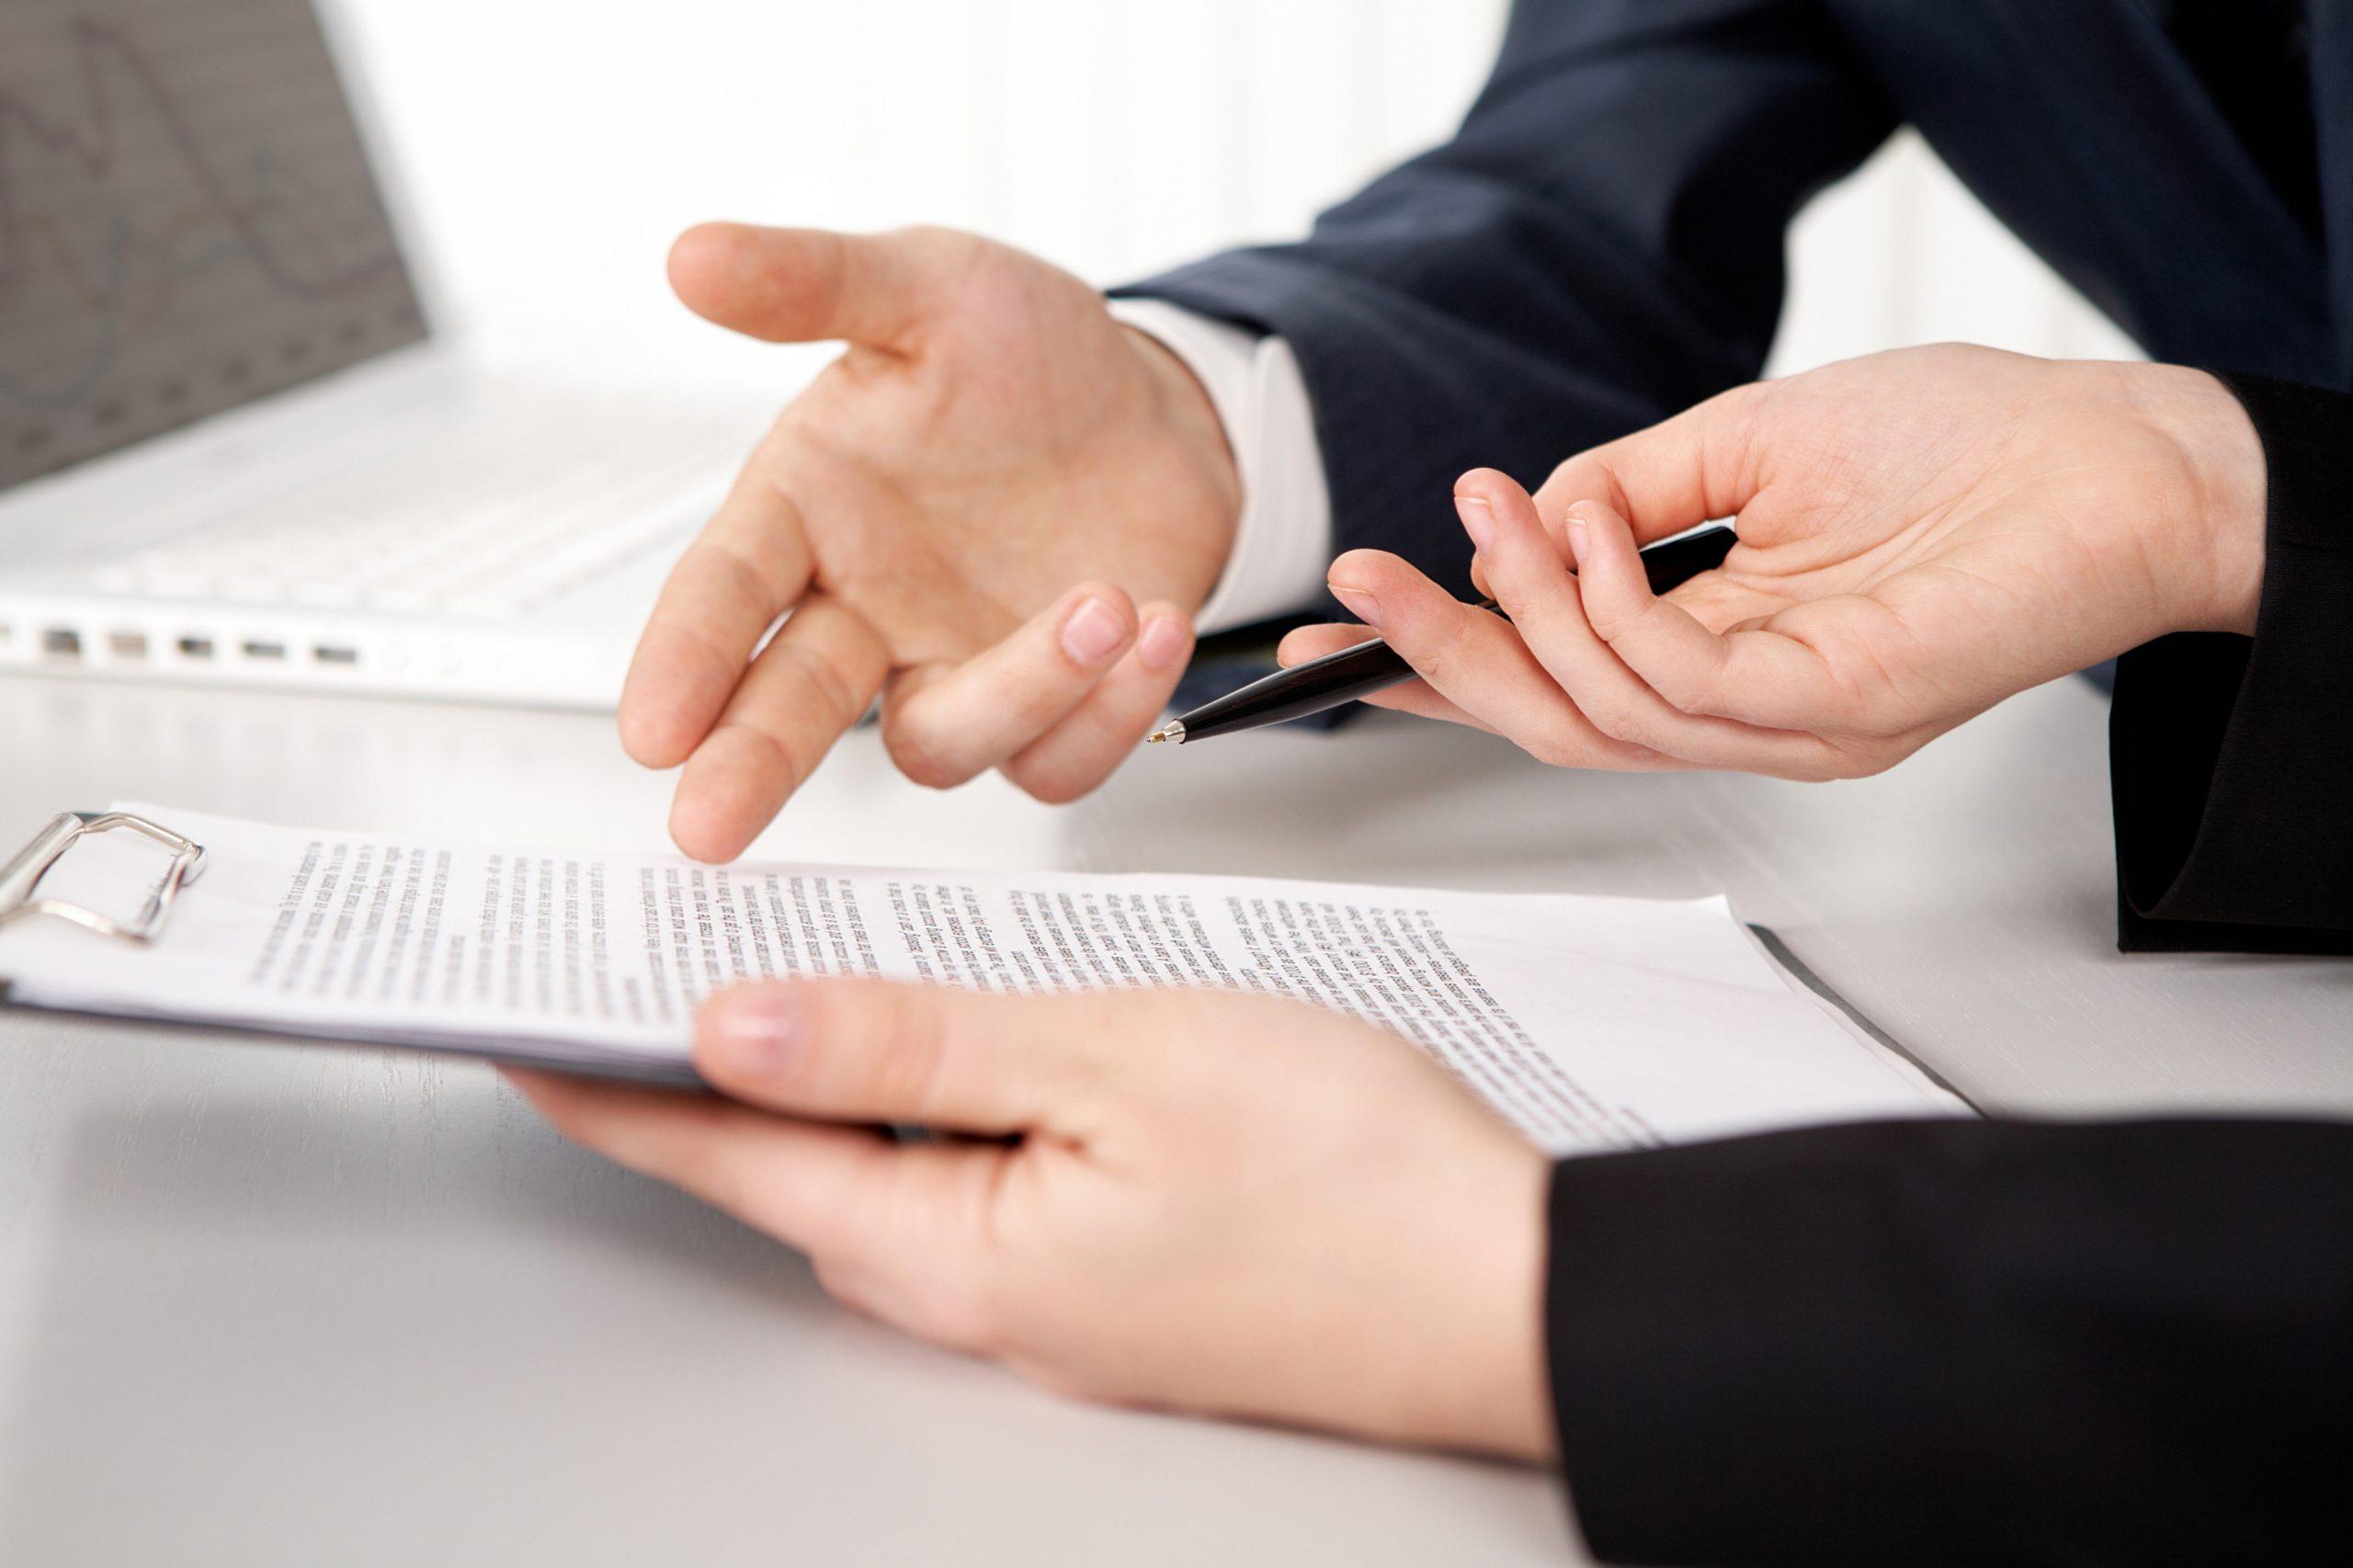 Порядок заповнення декларації акцизного податку, виробниками електричної енергії, в тому числі по операціях, які не підлягають оподаткуванню